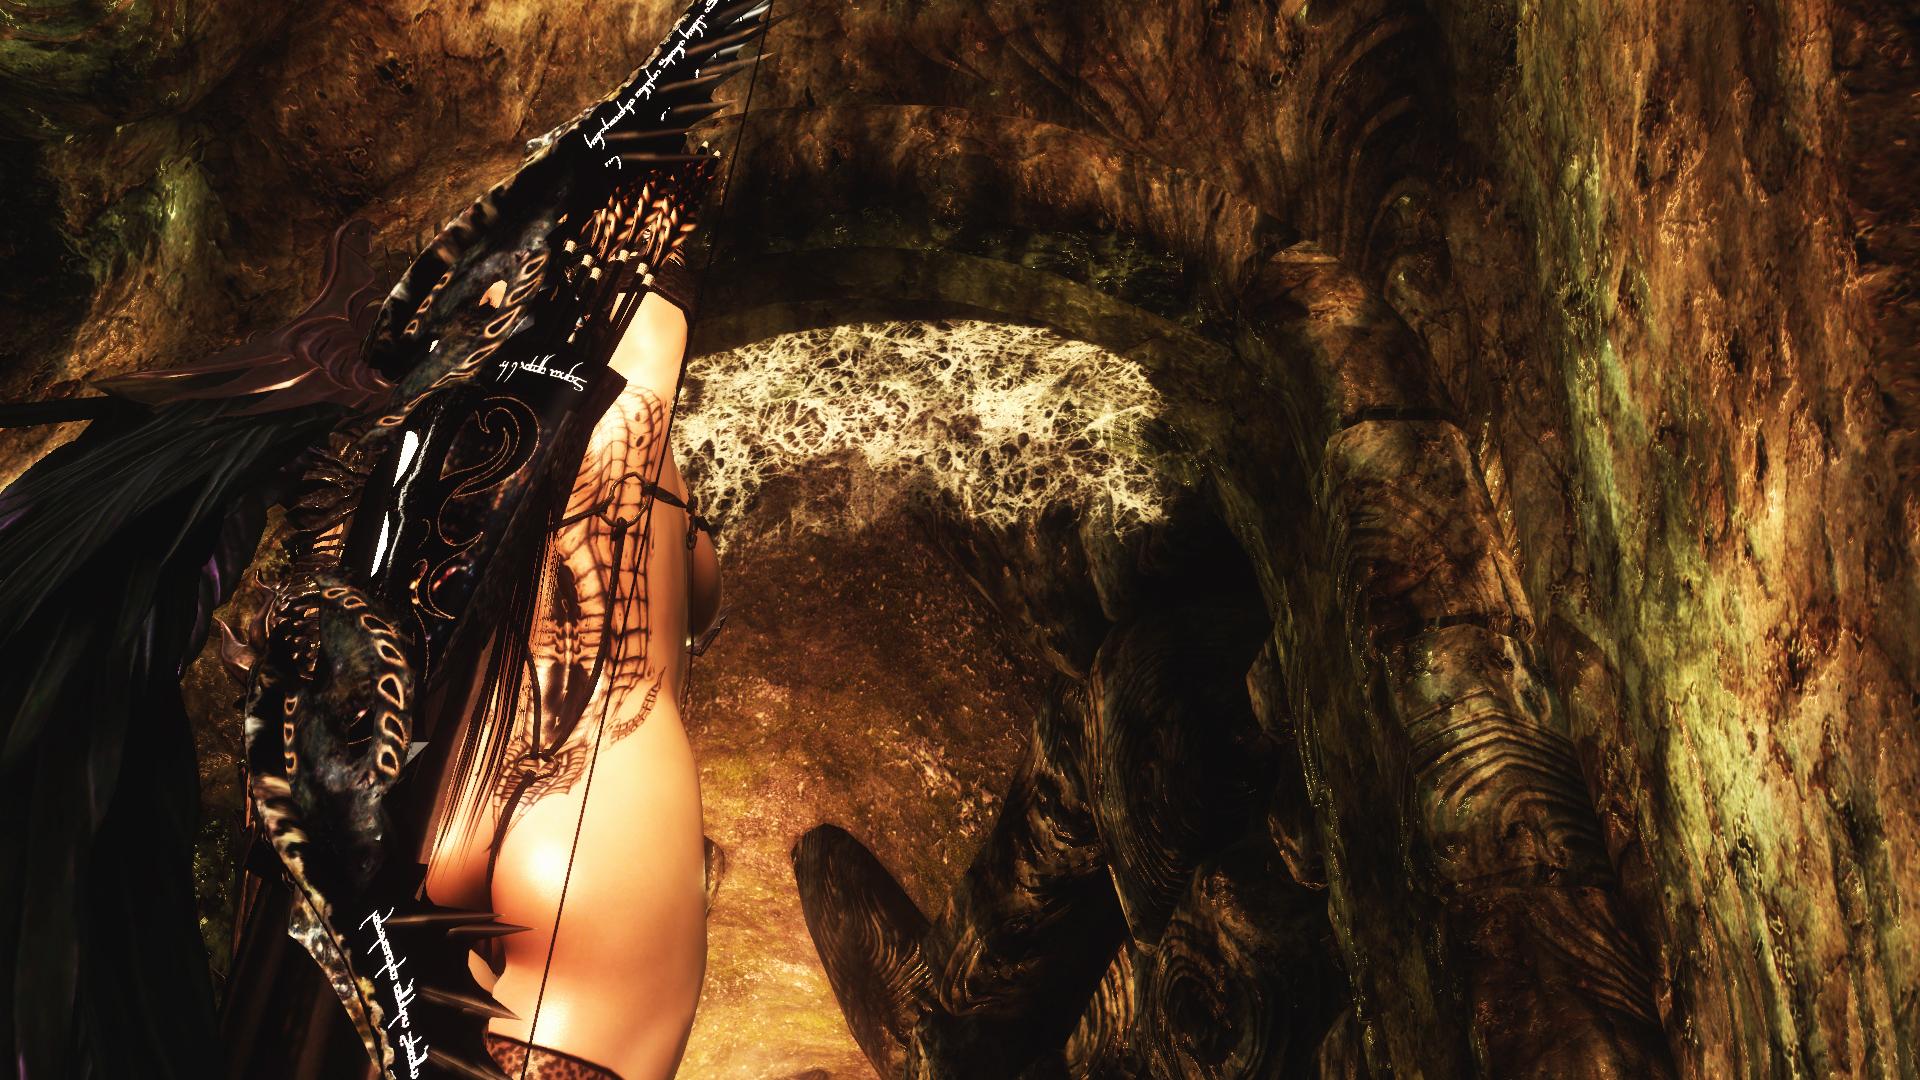 Без лишних слов... - Elder Scrolls 5: Skyrim, the